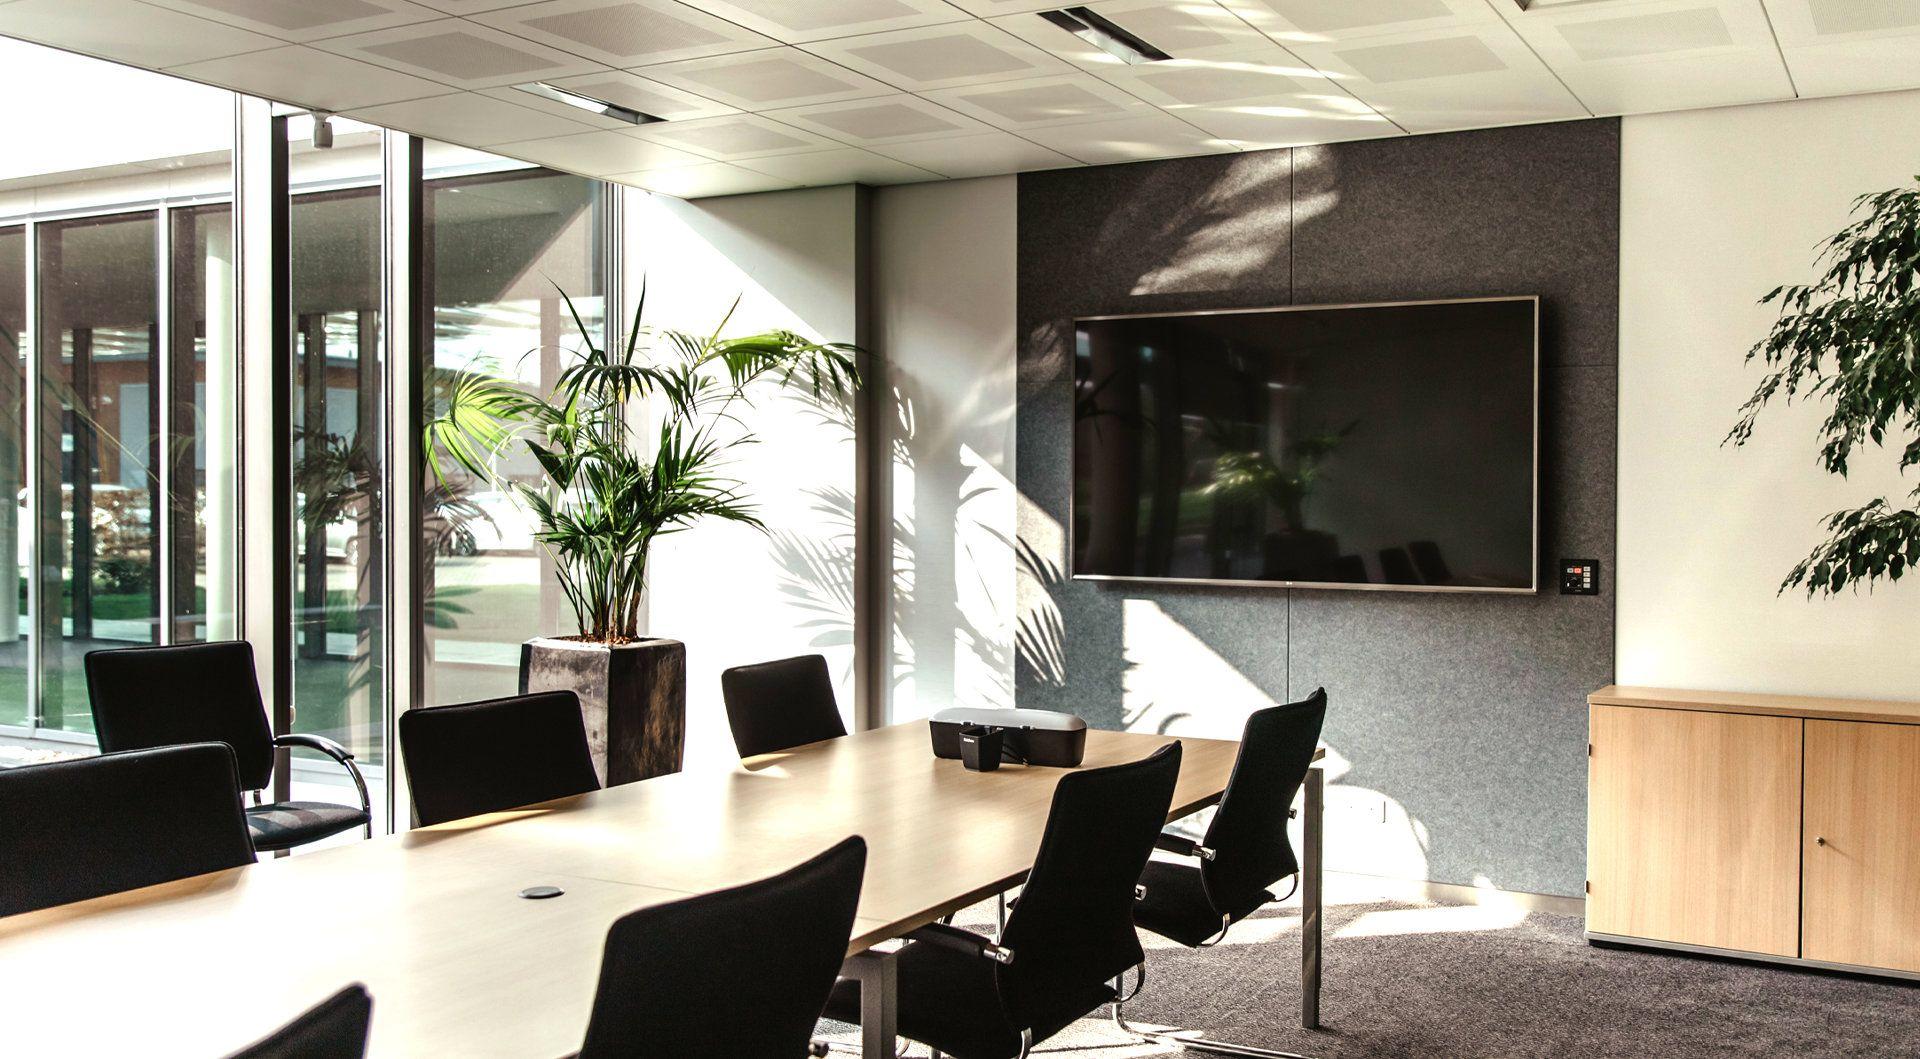 """ProDVX UW-24 Digitale signage flatscreen 61 cm (24"""") LCD Zwart - Case studie de vries"""